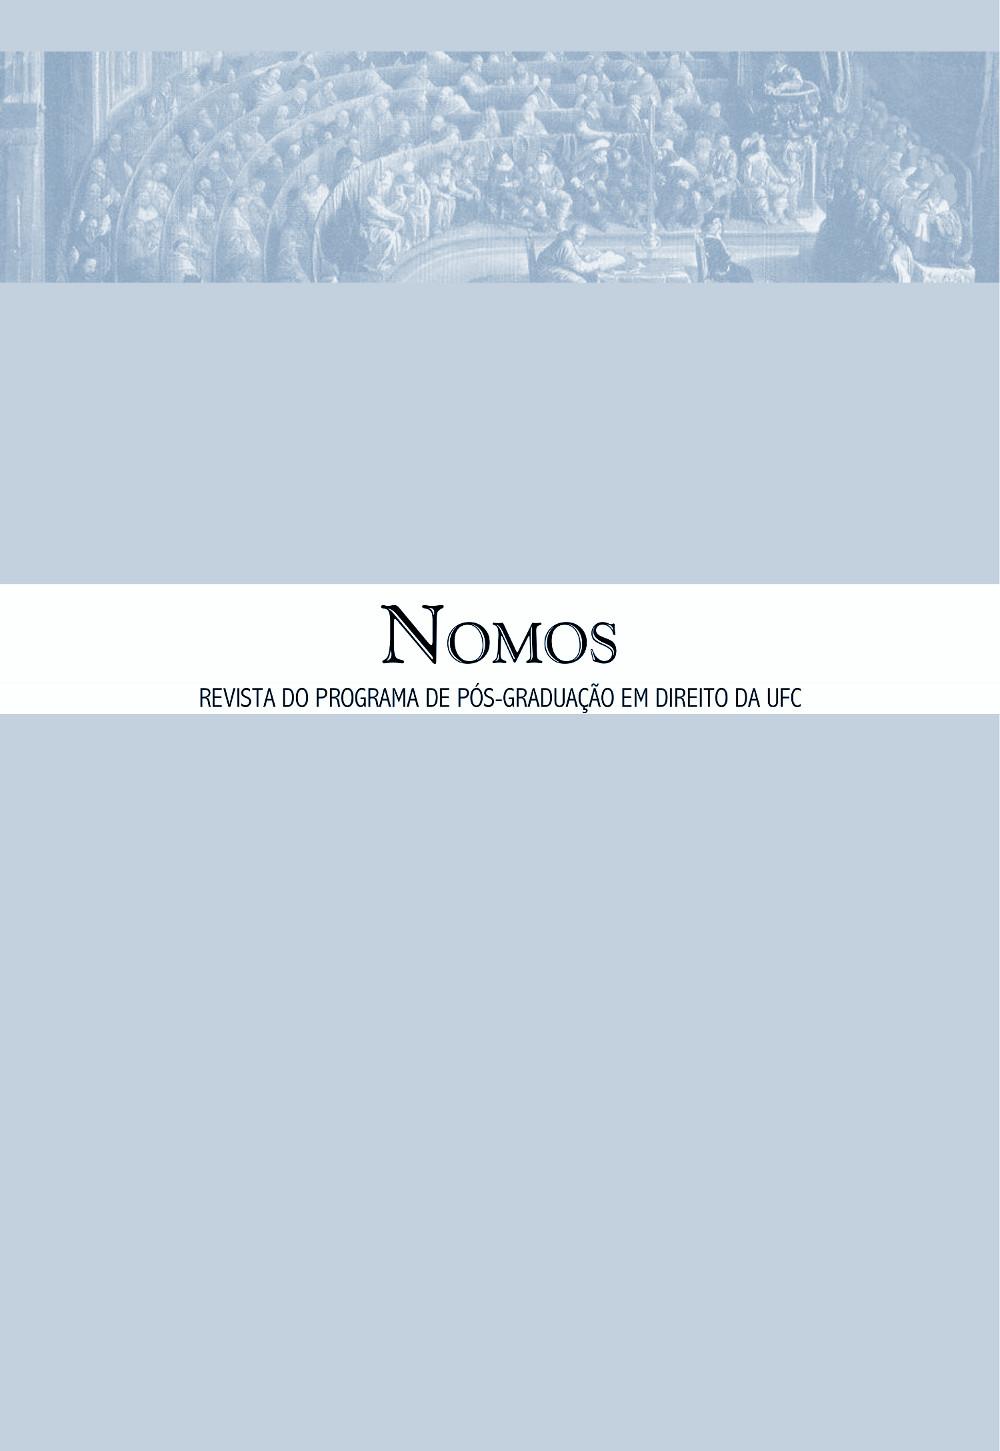 Nomos, volume 34, número 1, janeiro a junho de 2014